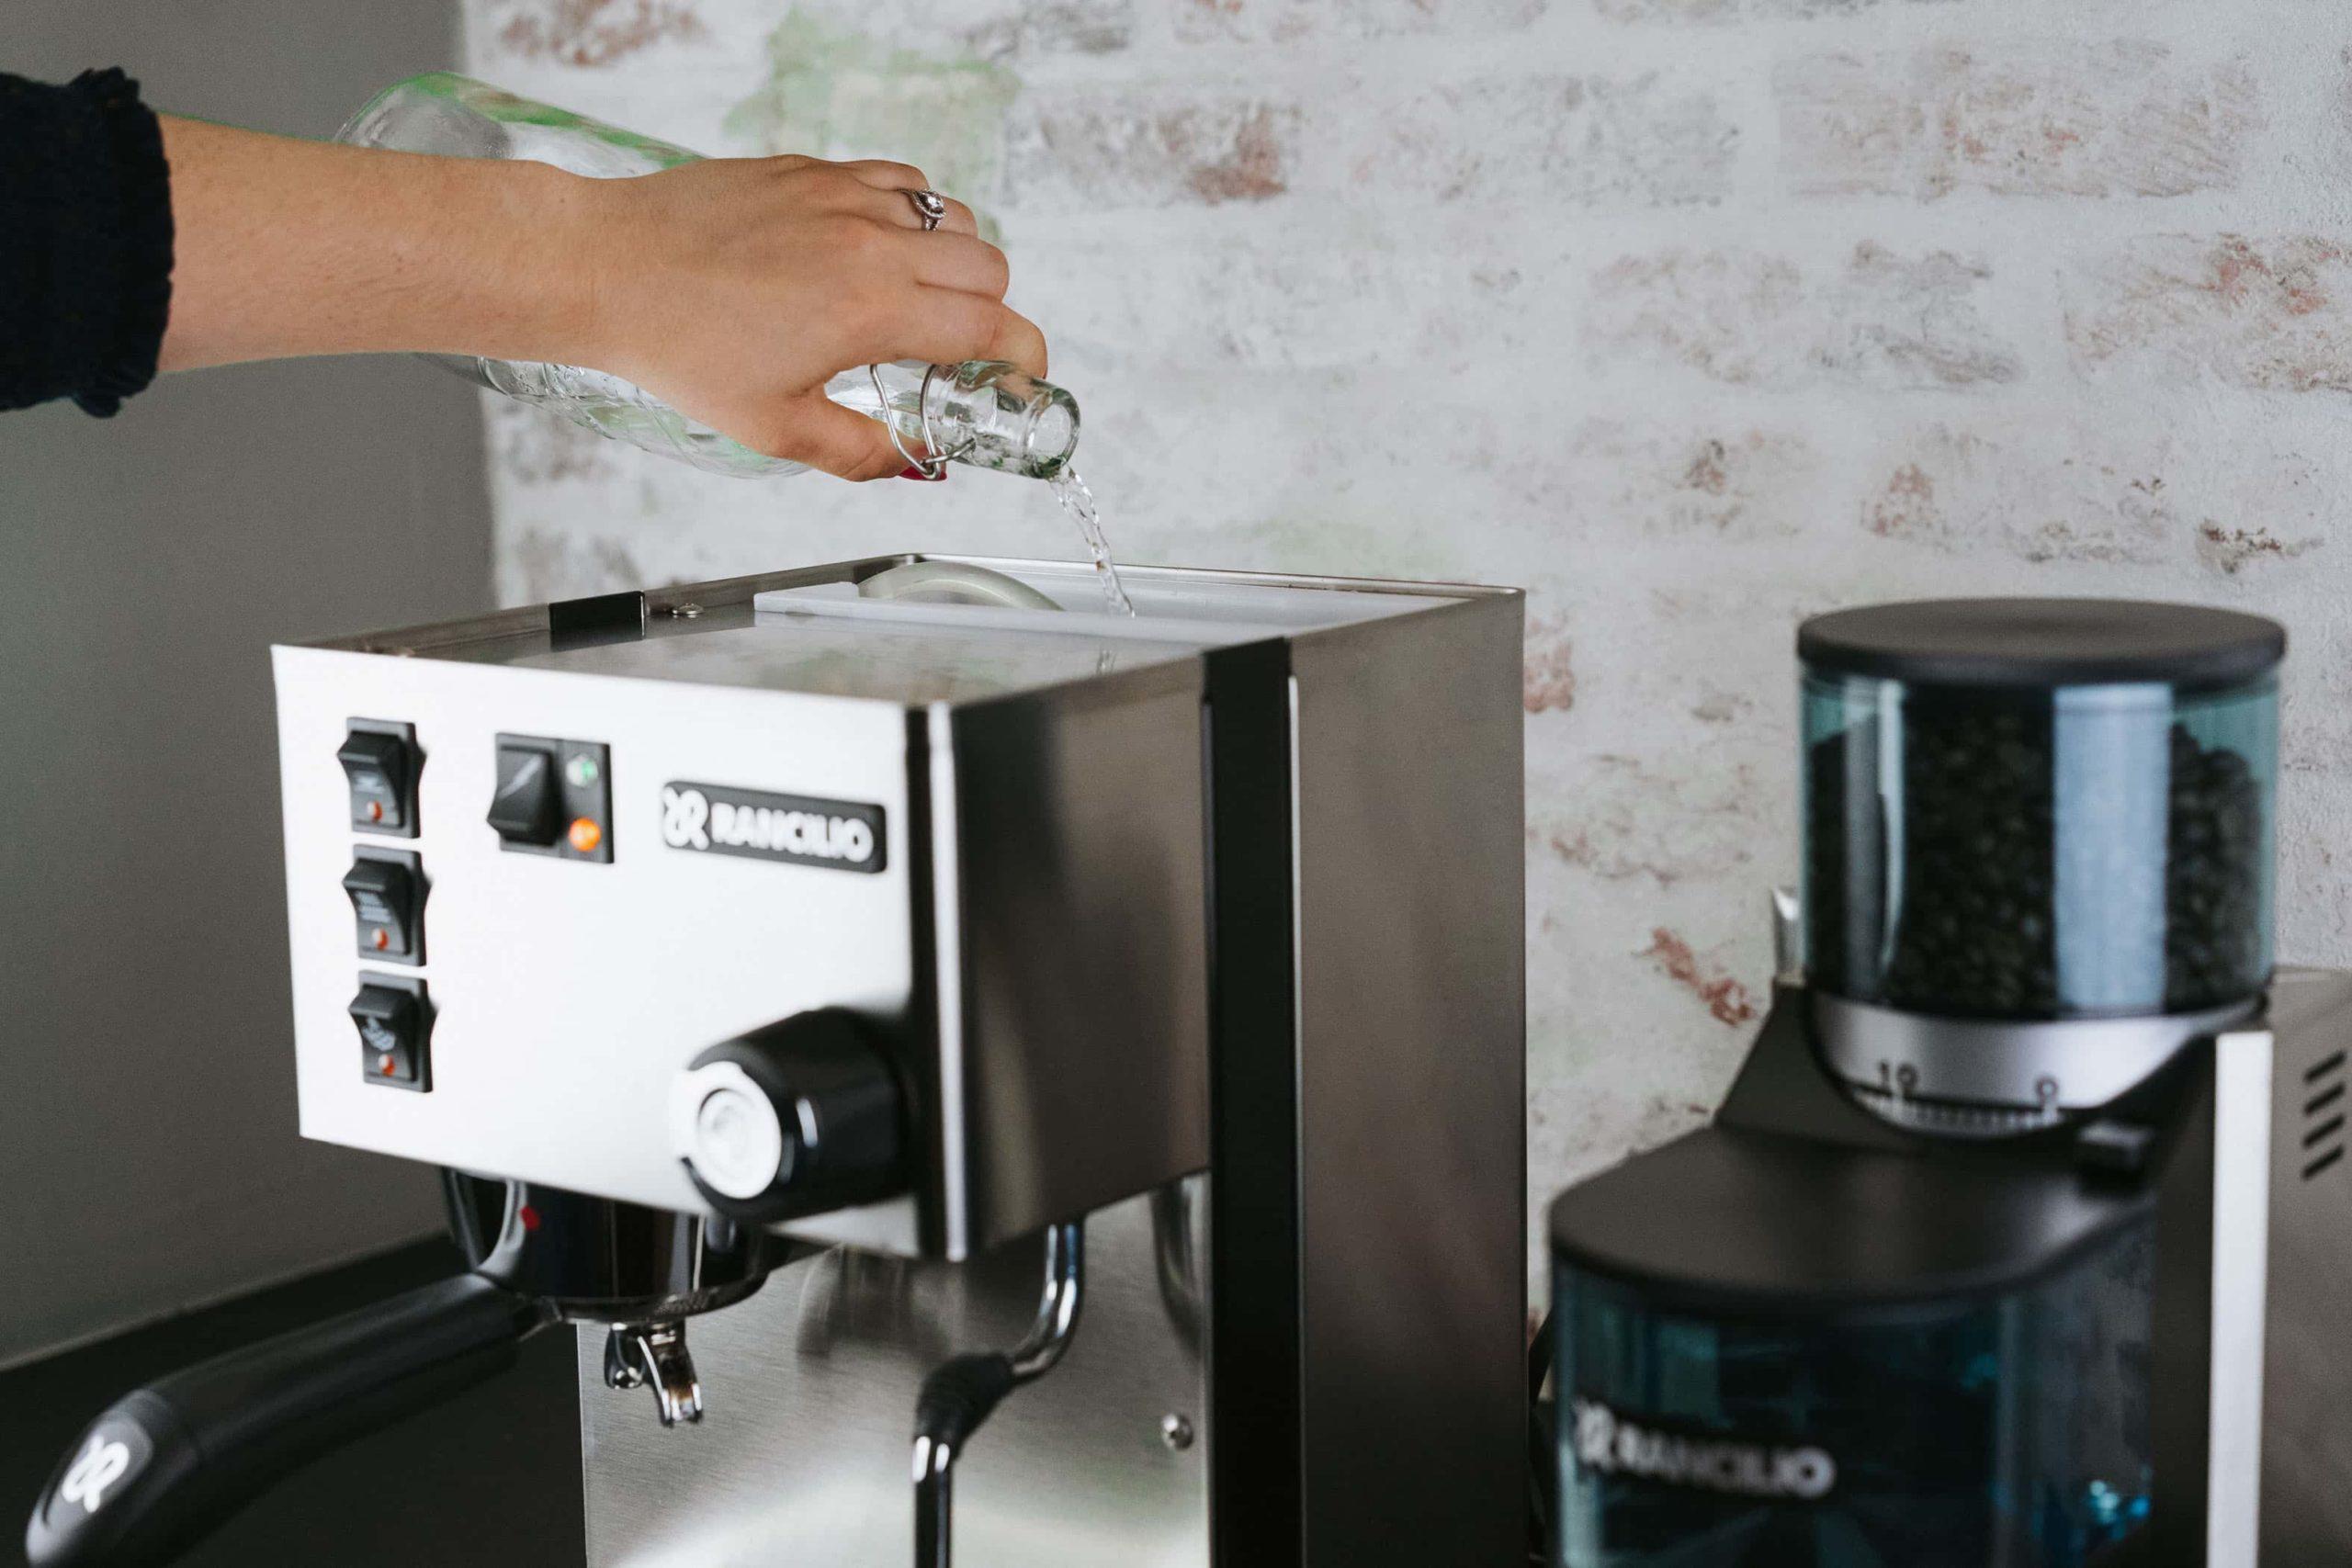 Fill the water tank of the Rancilio Silvia espresso Machine